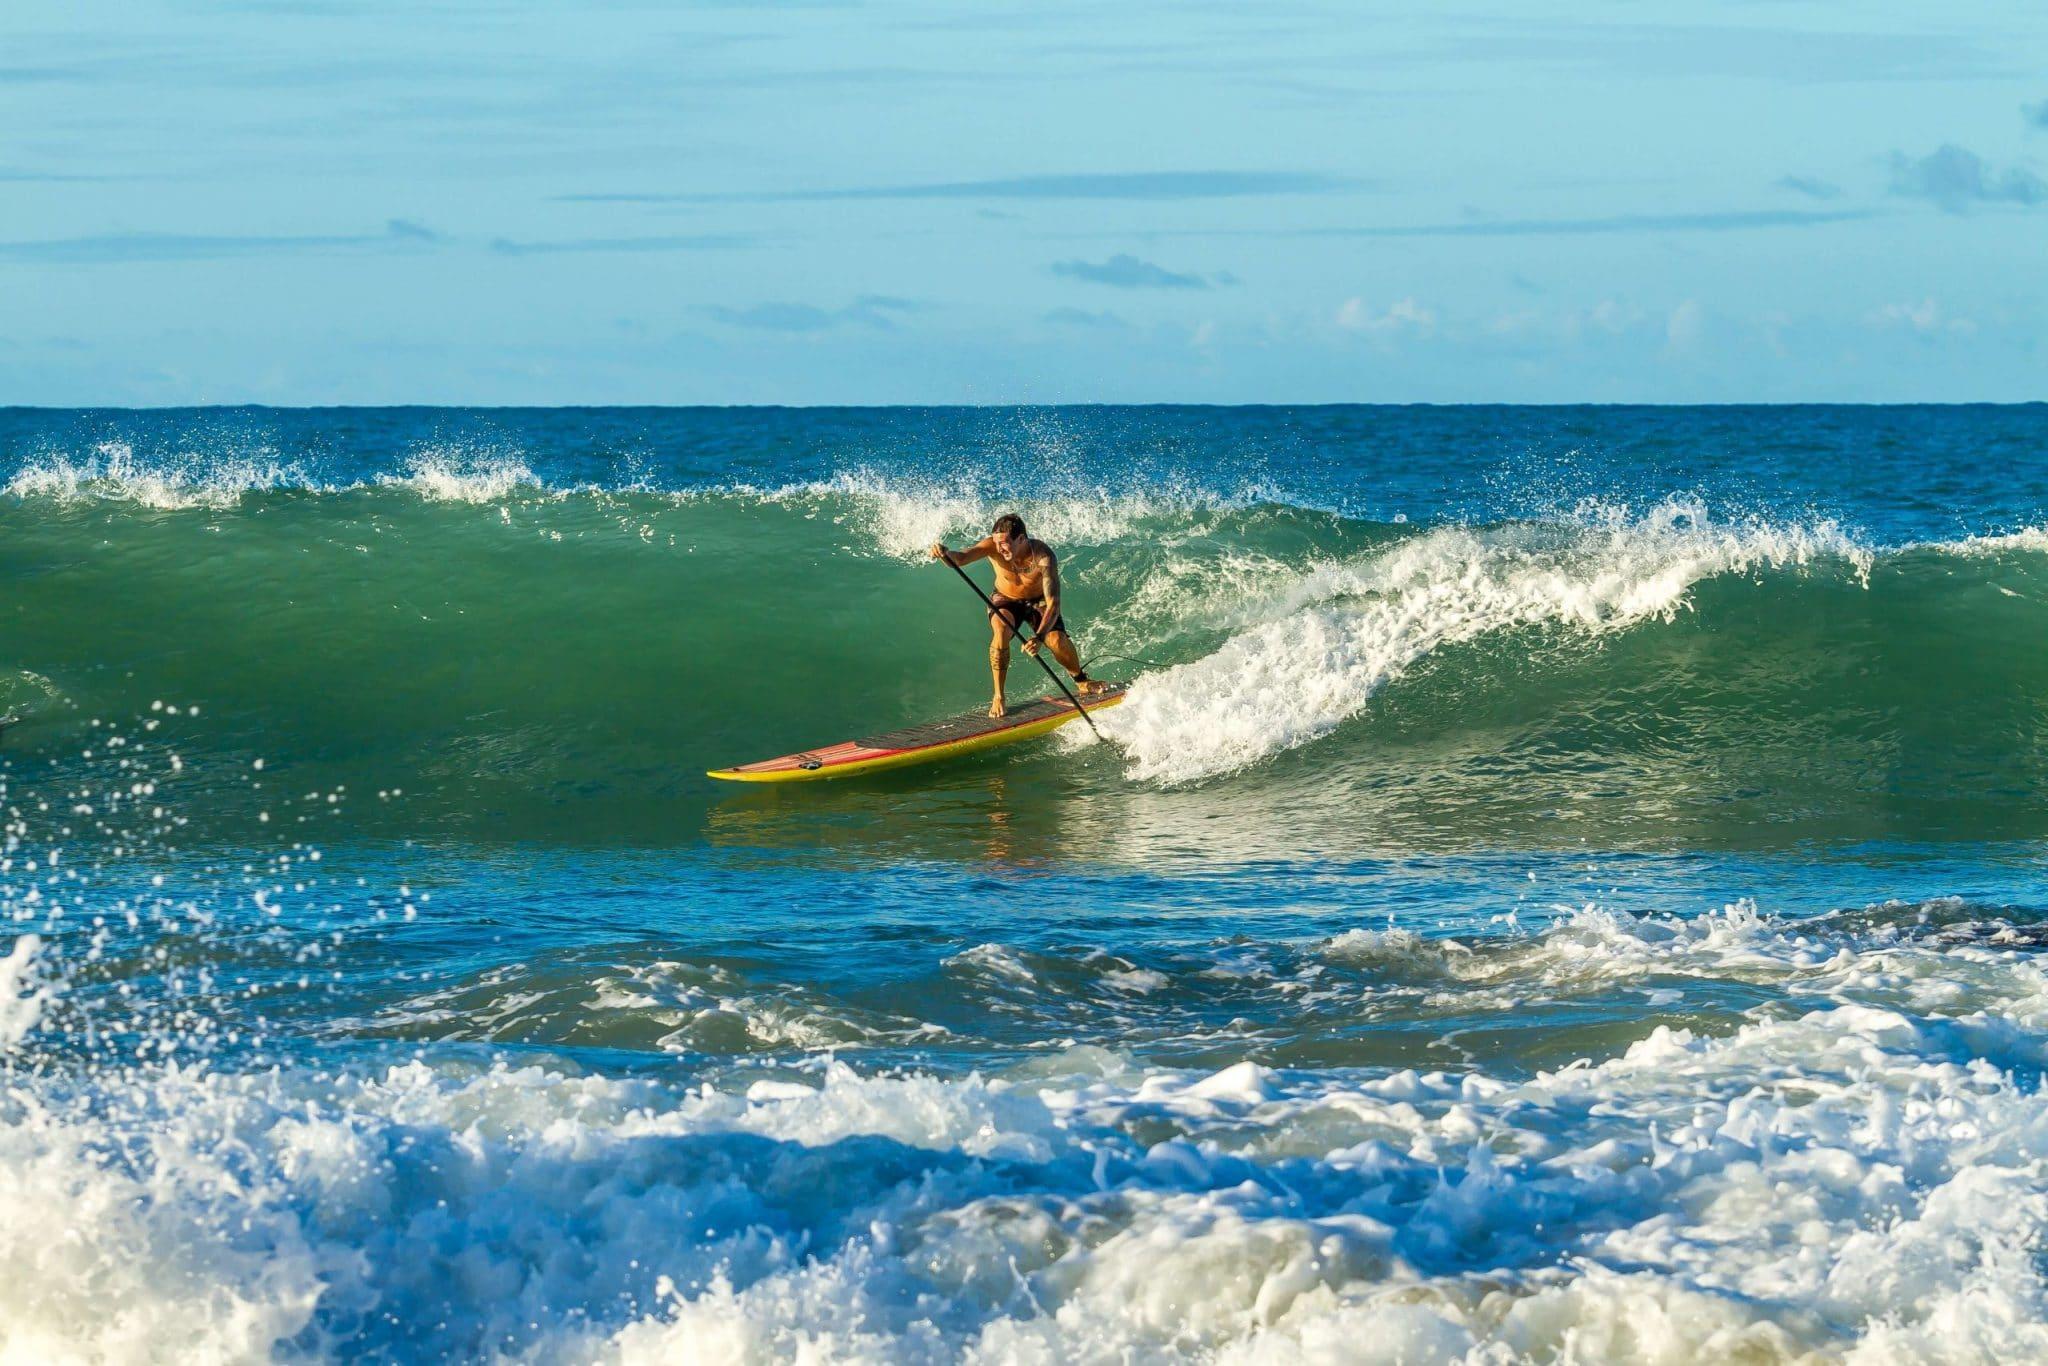 Homme-en-paddle-surf-sur-une-vague